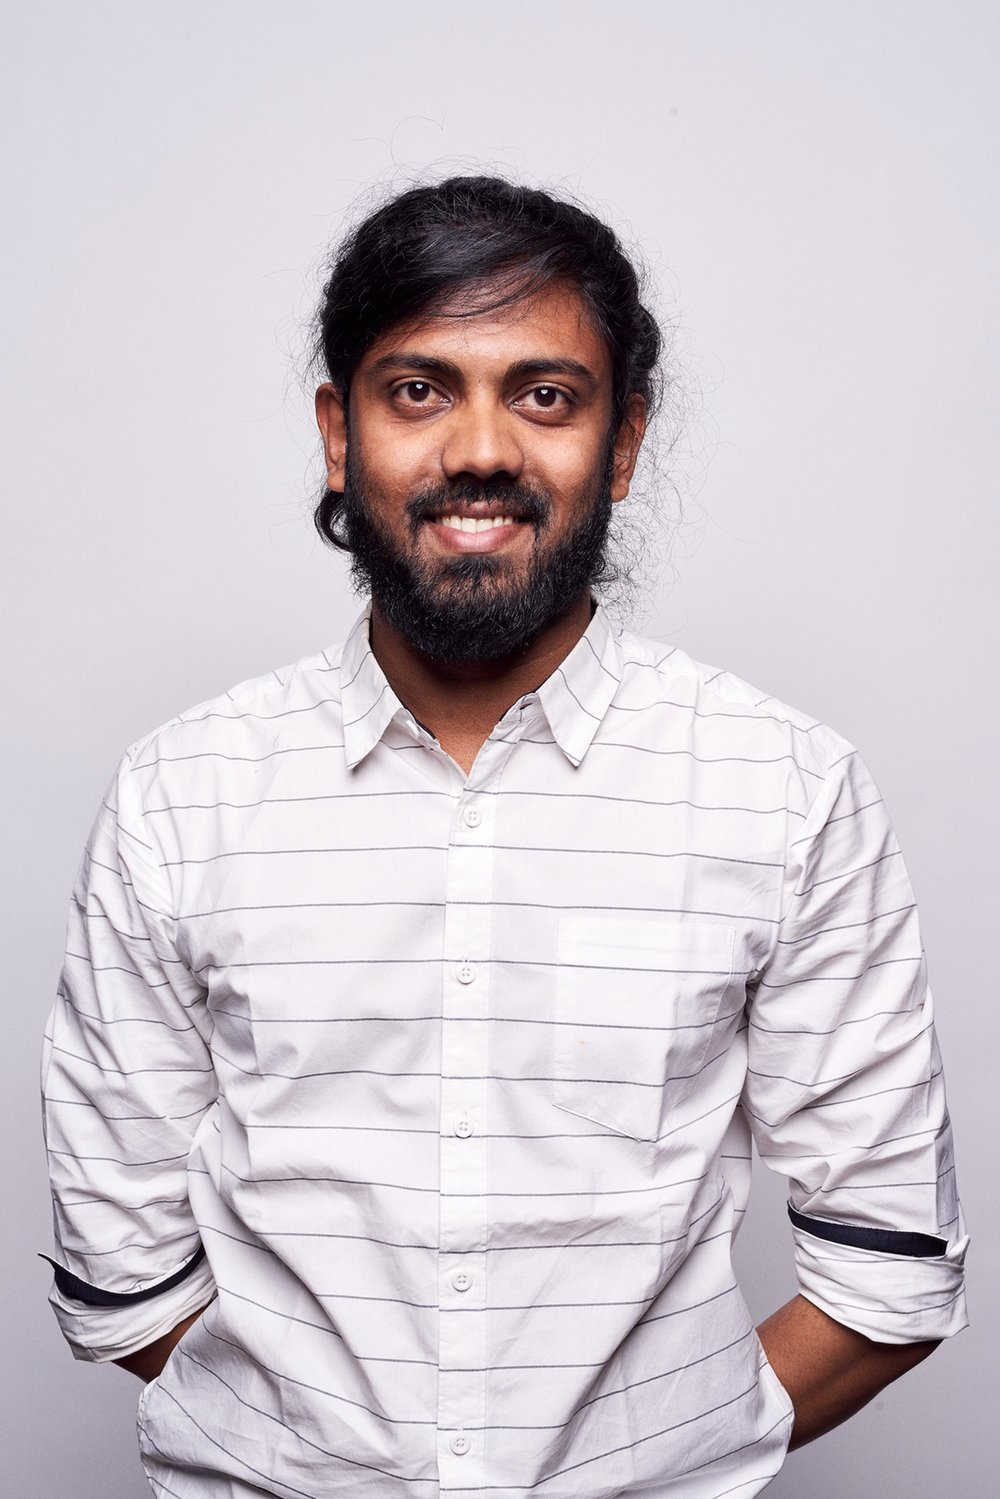 <strong>Arvind Sanjeev</strong><br>Design Technologist<br>arvind@above.se<br>